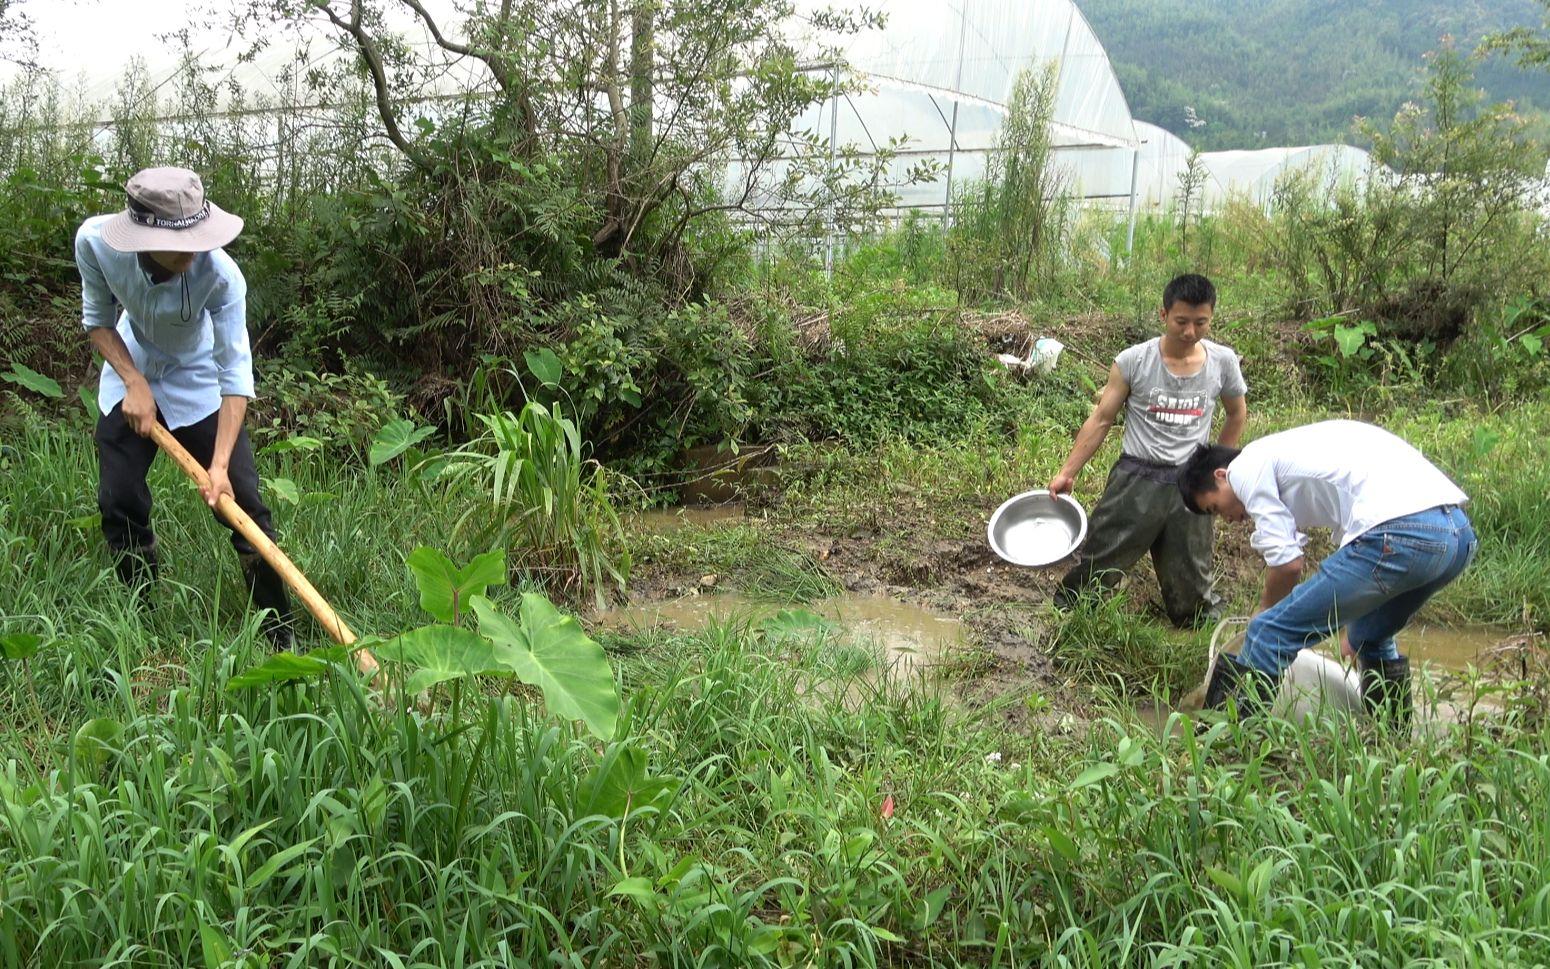 华农兄弟:发大水冲出一个水潭,跟兄弟一起把水弄干抓鱼